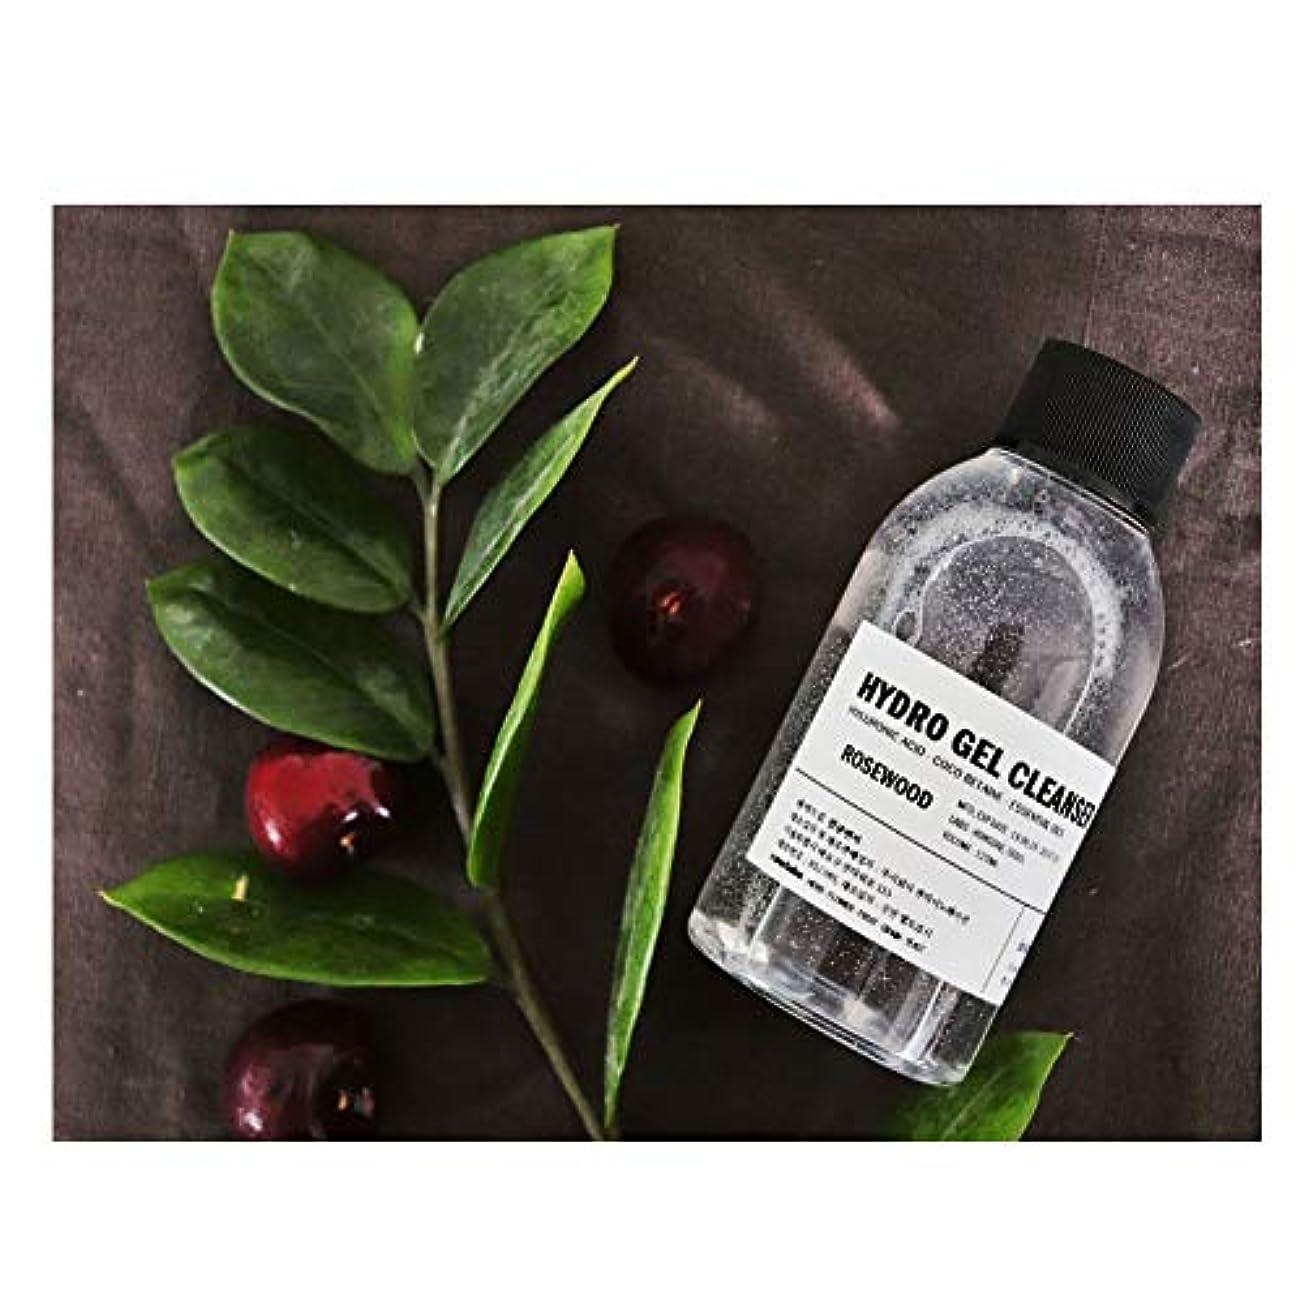 いつか傾向がある回転させるローラプスpH5ハイドロゼルクレンザー 120ml 韓国コスメ、Rawlabs pH5 Hydro Gel Cleanser 120ml Korean Cosmetics [海外直送品] (No 3. rosewood)